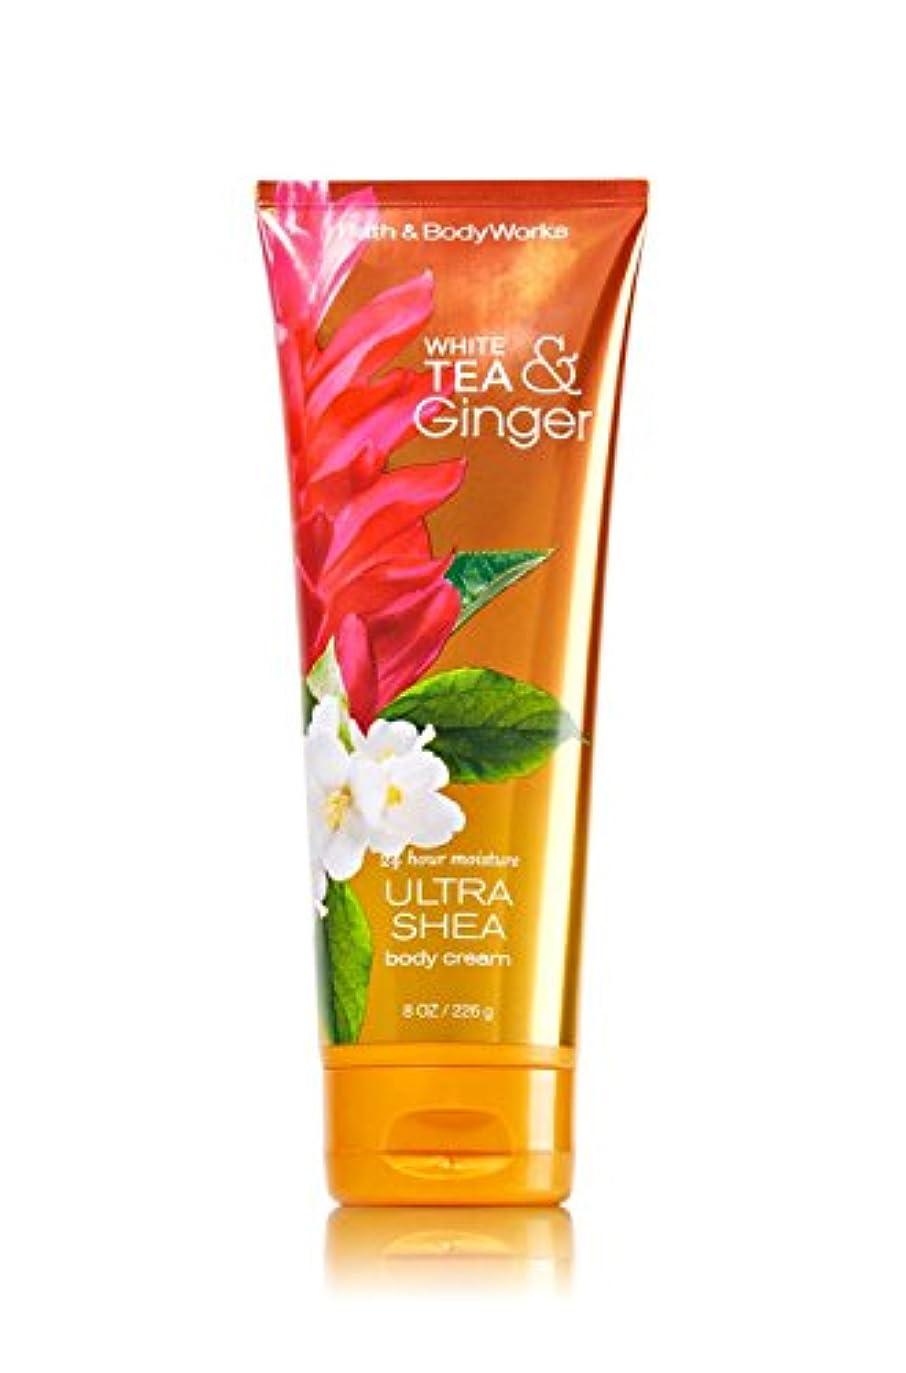 認める戻る医薬品Bath&BodyWorks White Tea Ginger Body Cream [並行輸入品]